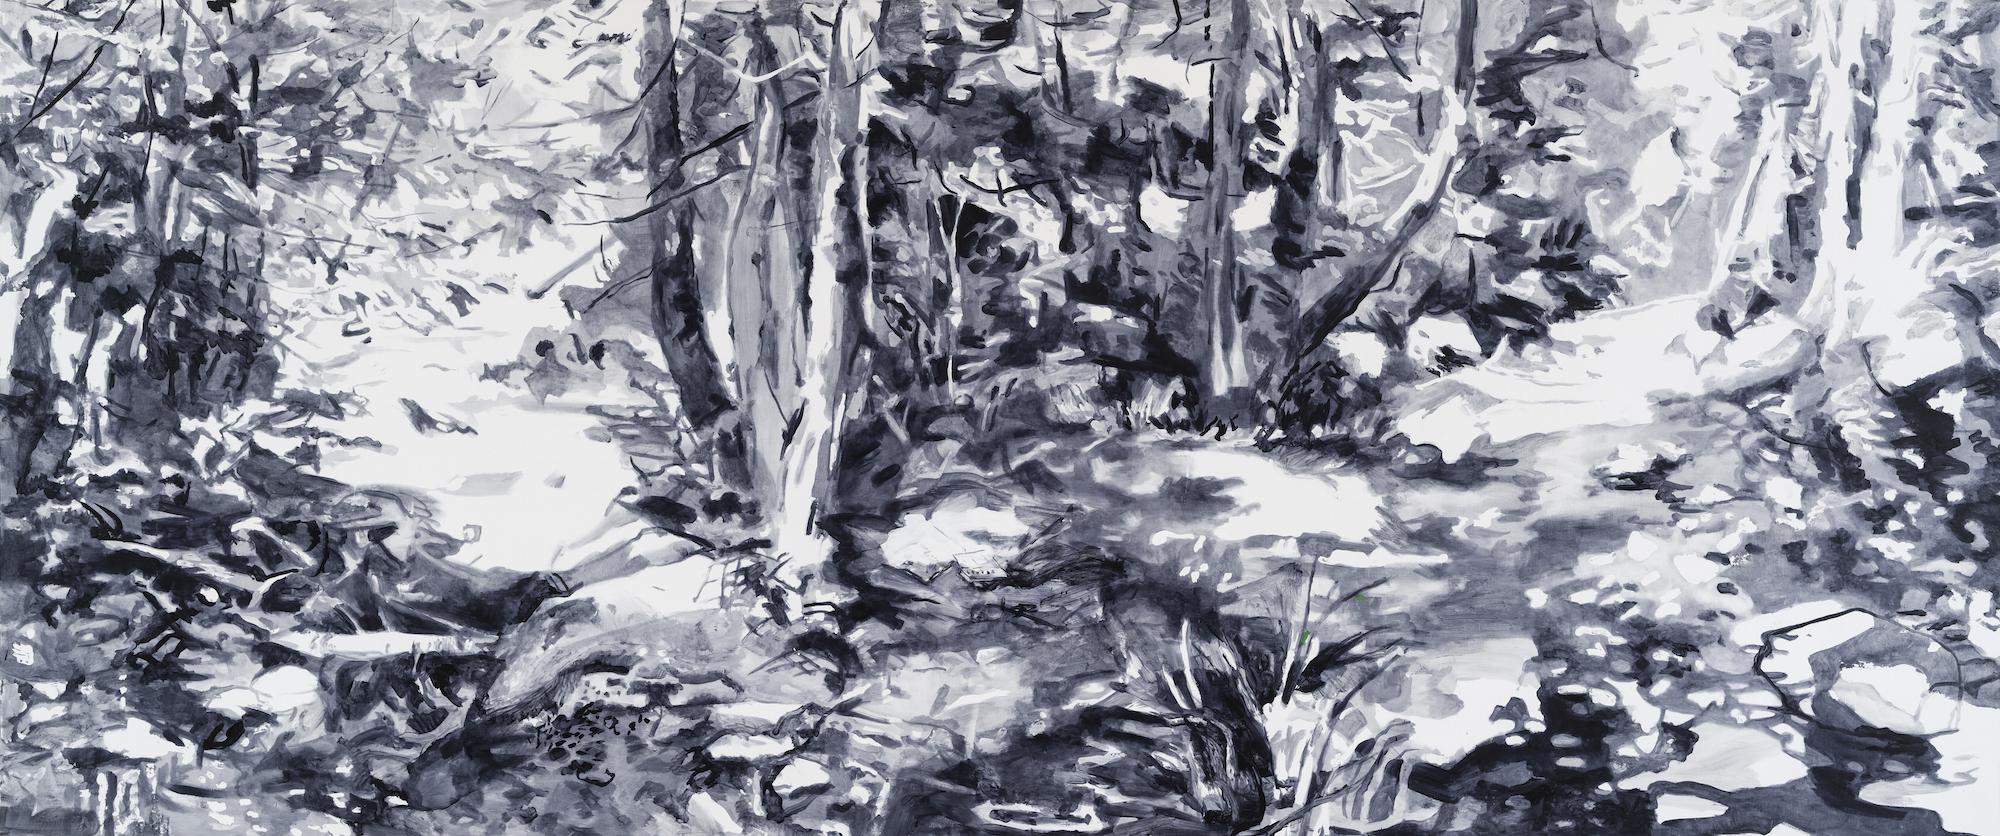 SUSAN G SCOTT The World is Round, 2017, Huile sur toile | Oil on canvas, 152.4 x 365.76 cm | 60″ x 144″ CAD $19,380 (sans encadrement / unframed)